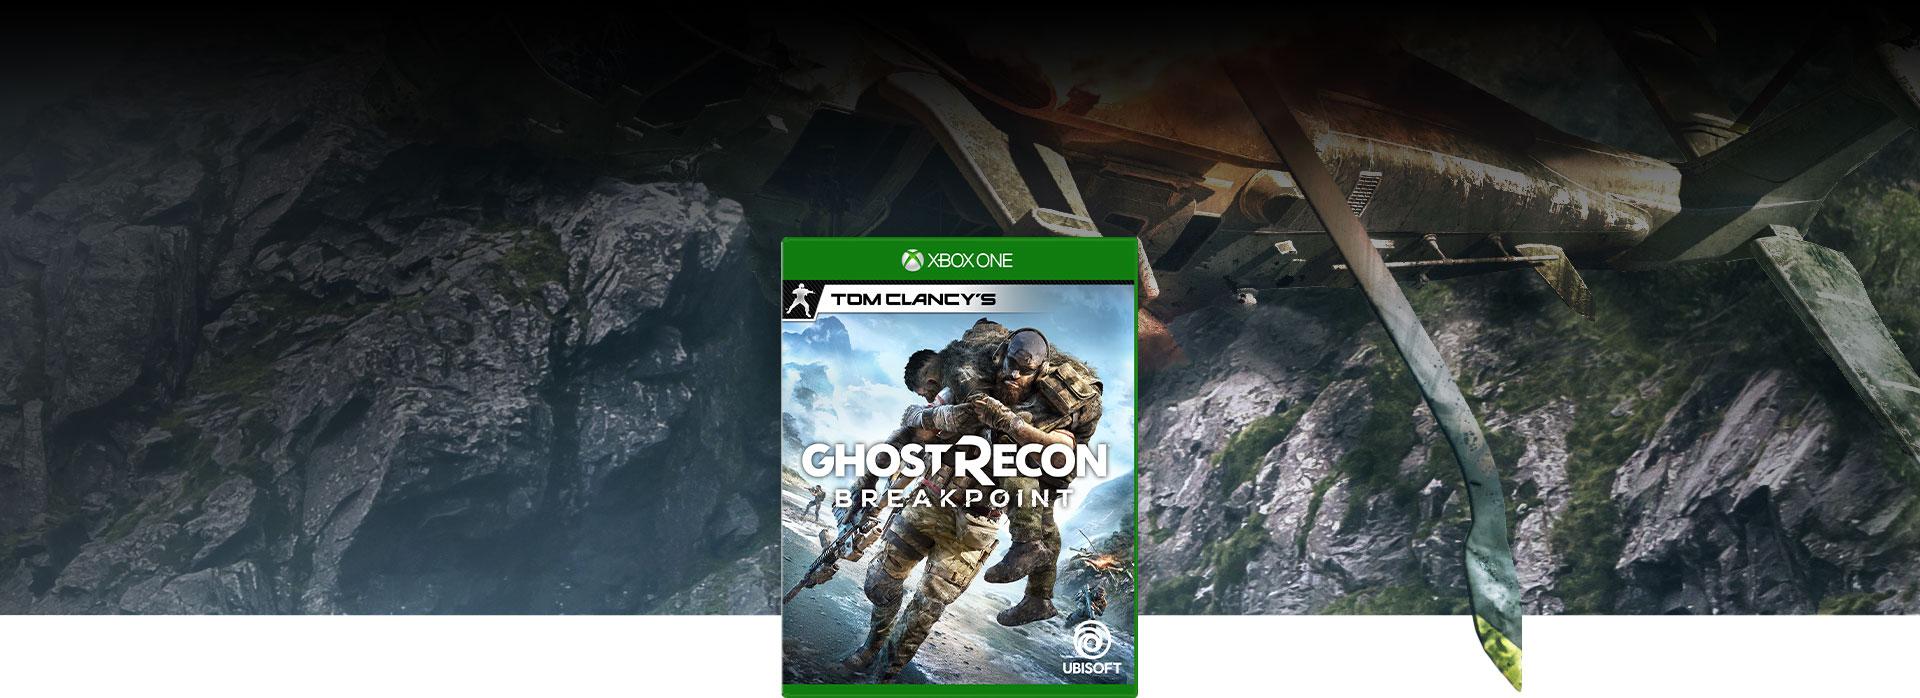 Blick auf Verpackung von Tom Clancy's Ghost Recon Breakpoint, im Hintergrund ein abgestürzter Helikopter in den Bergen